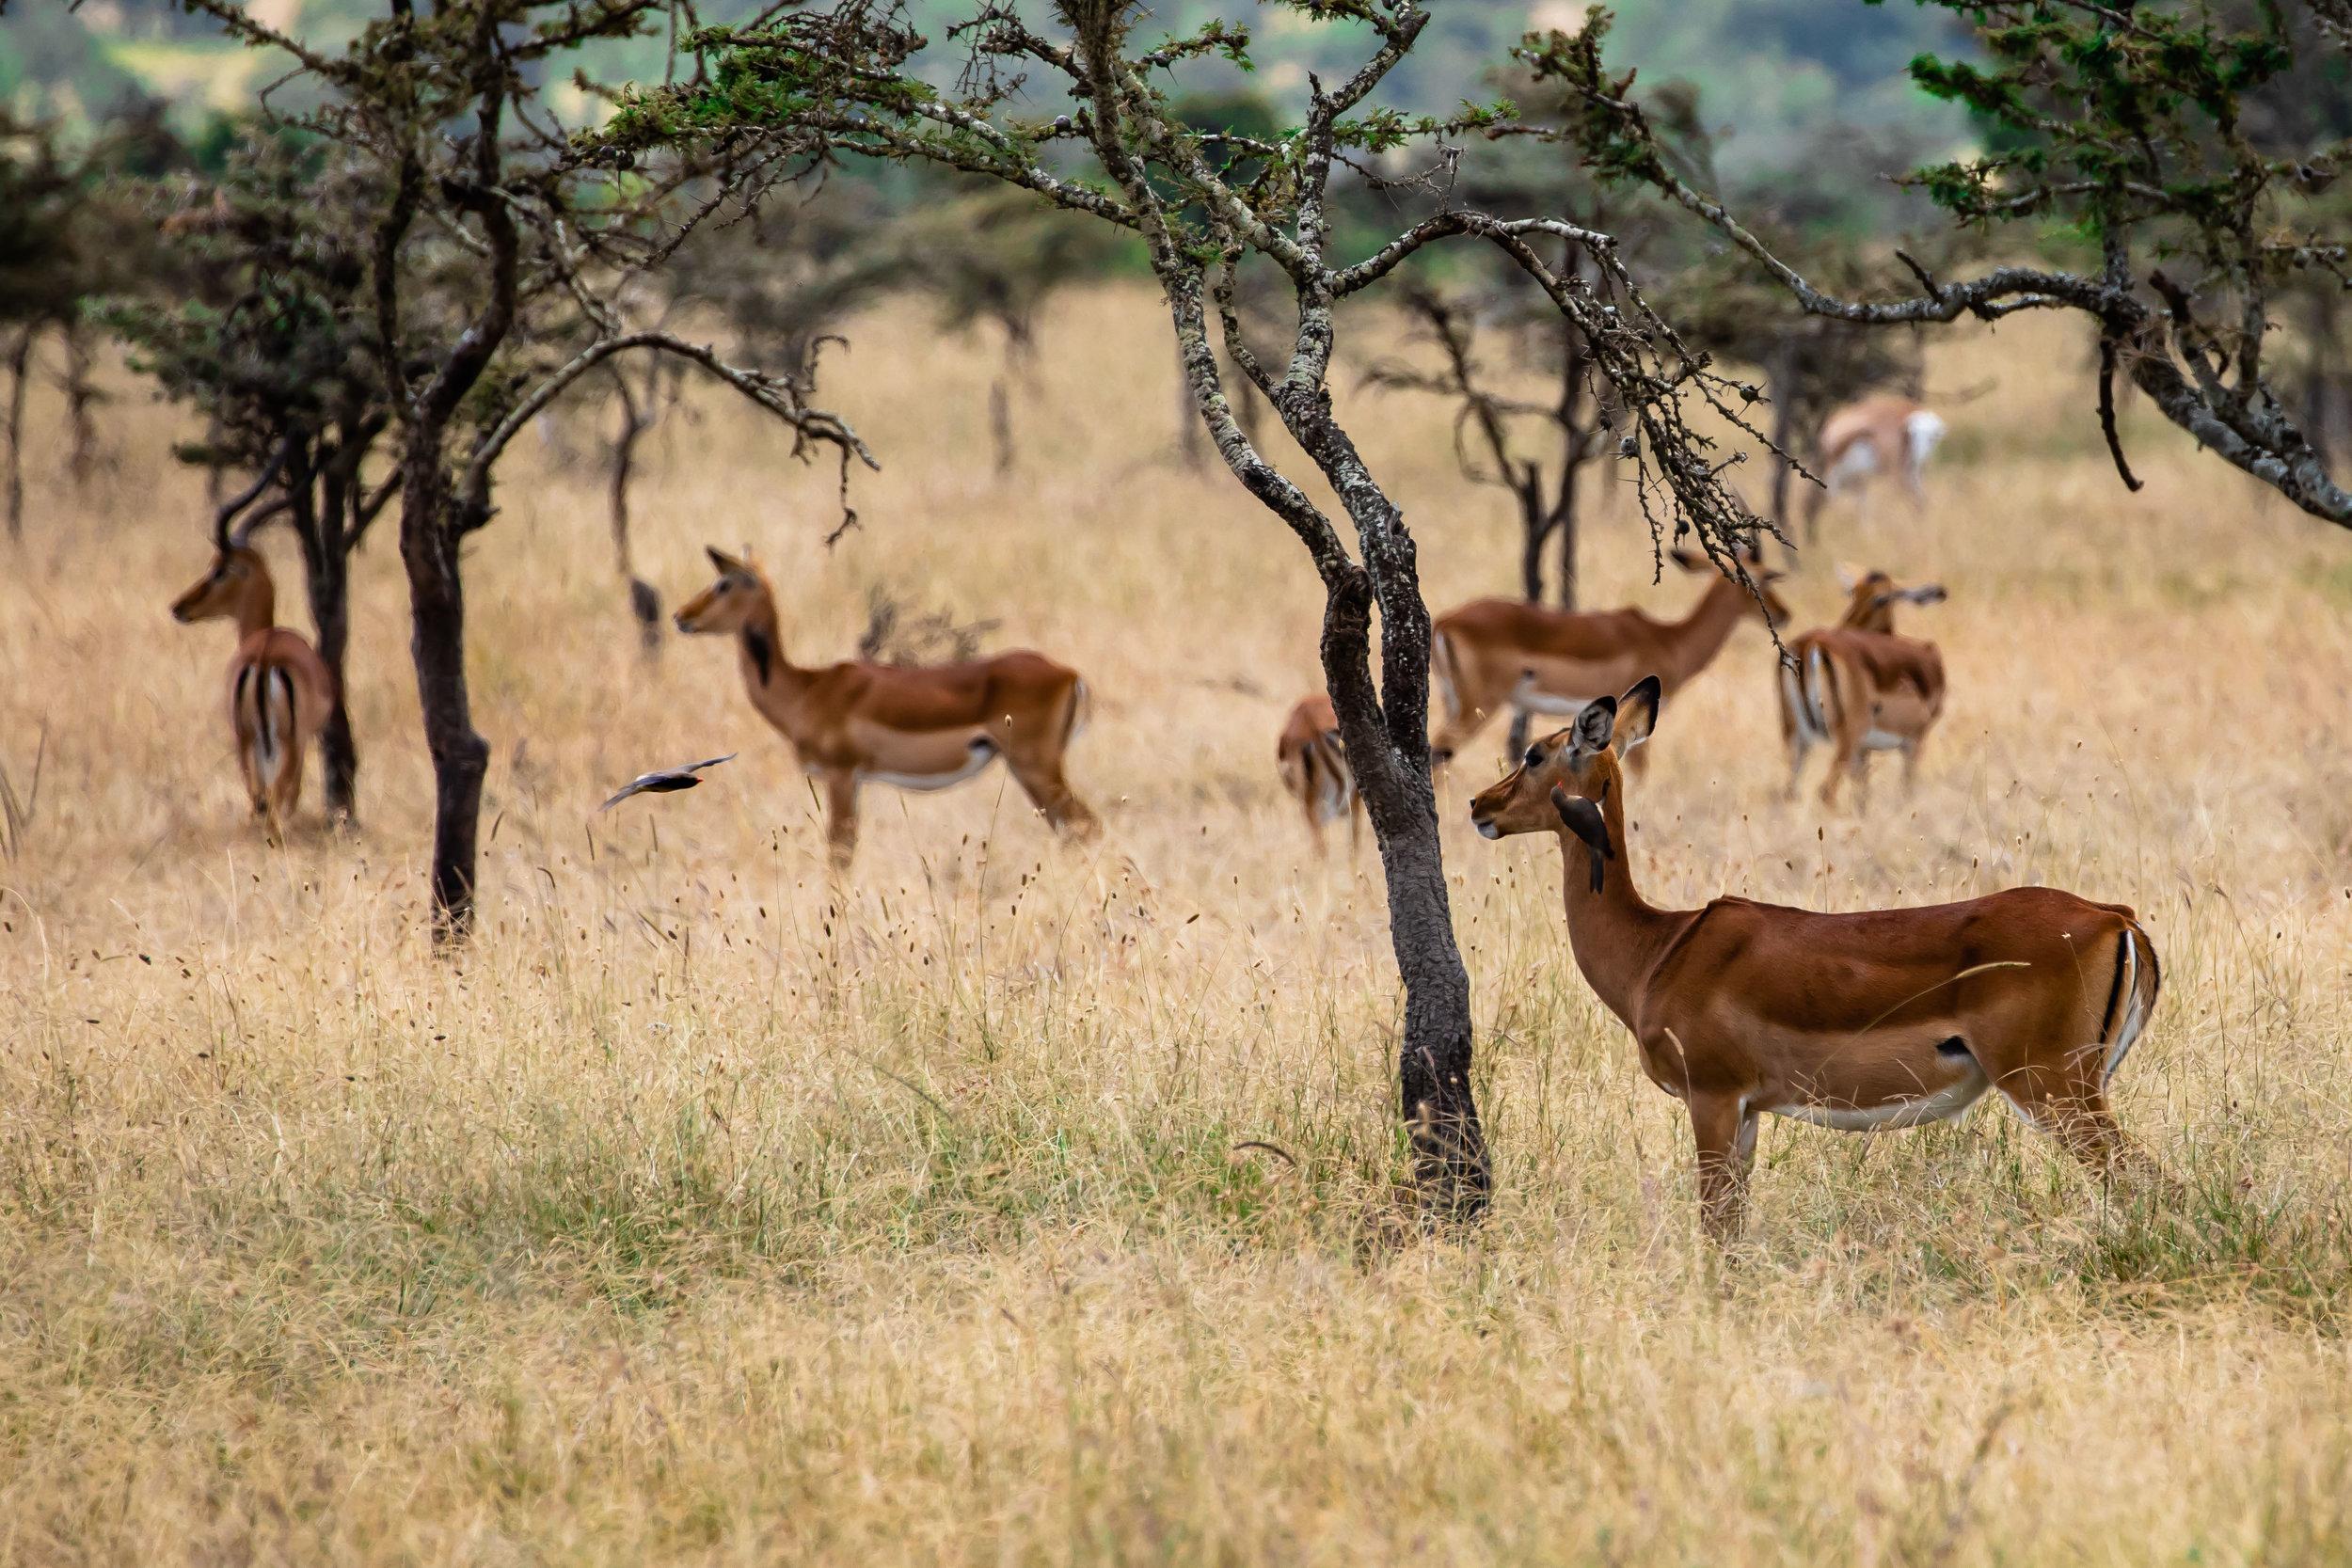 Deer and Bird Buddies, Ol Pejeta Reserve, Kenya